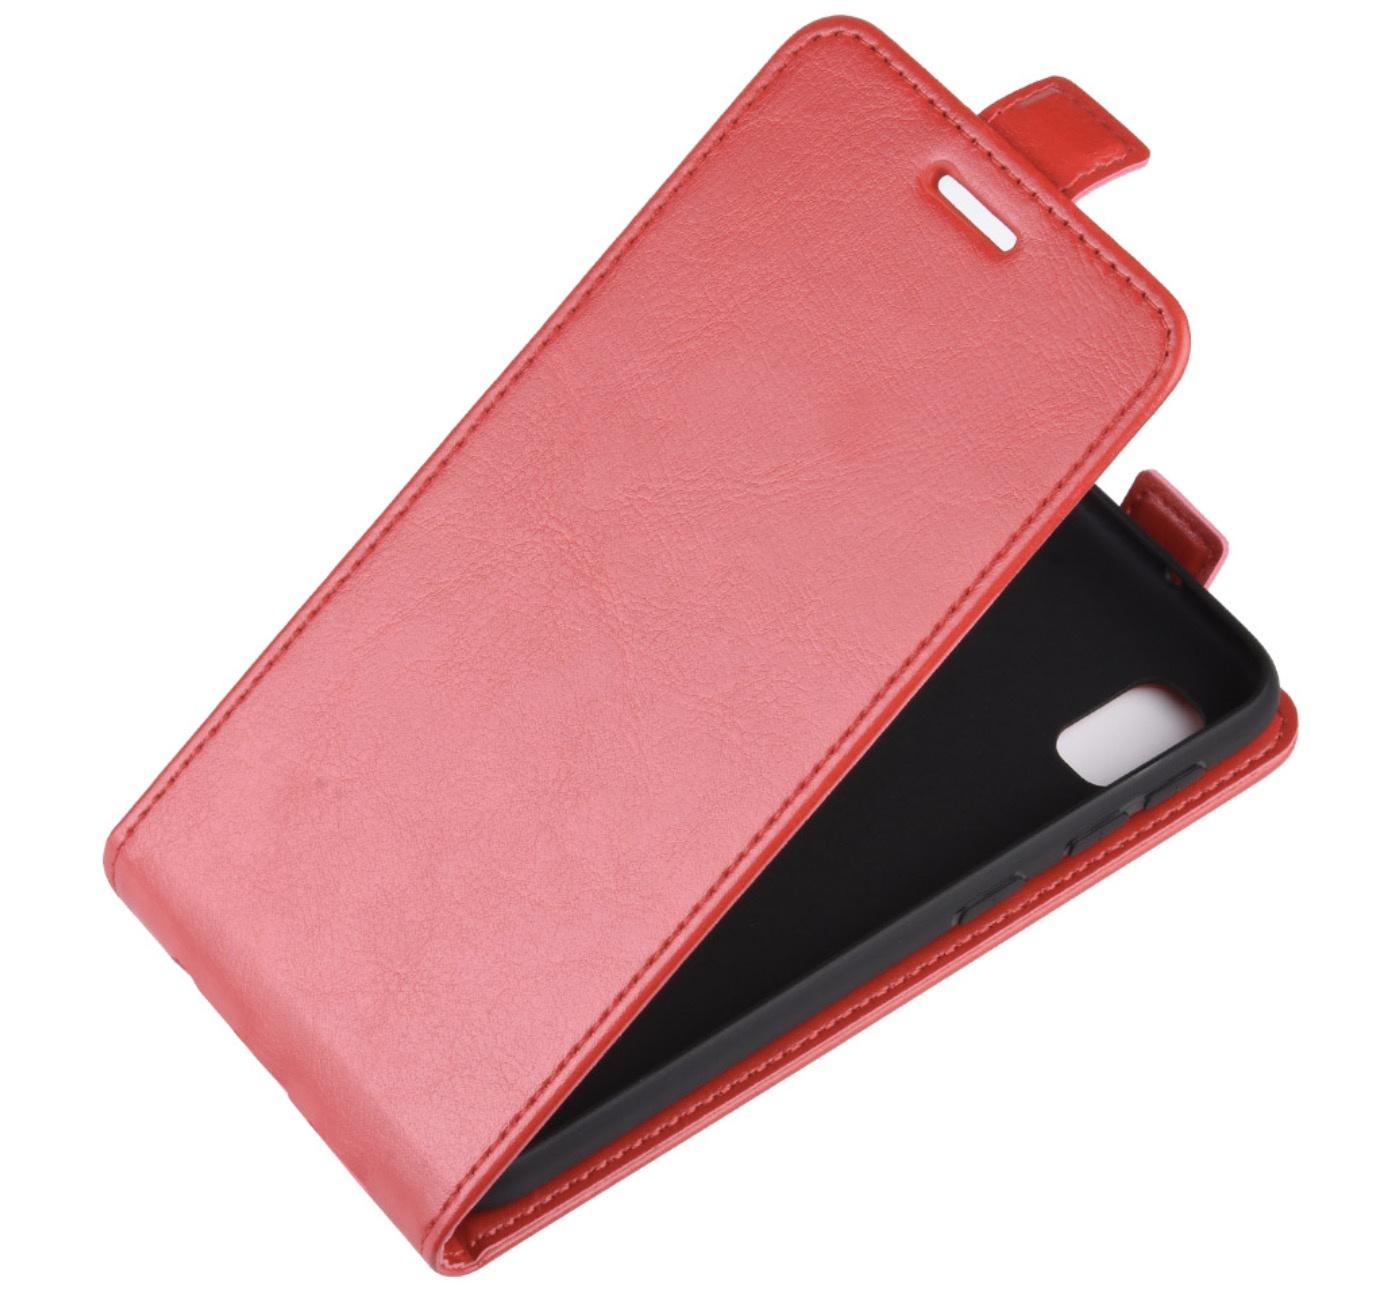 Чехол-флип MyPads для Huawei Honor 10i / Enjoy 9S / P Smart Plus 2019 вертикальный откидной красный